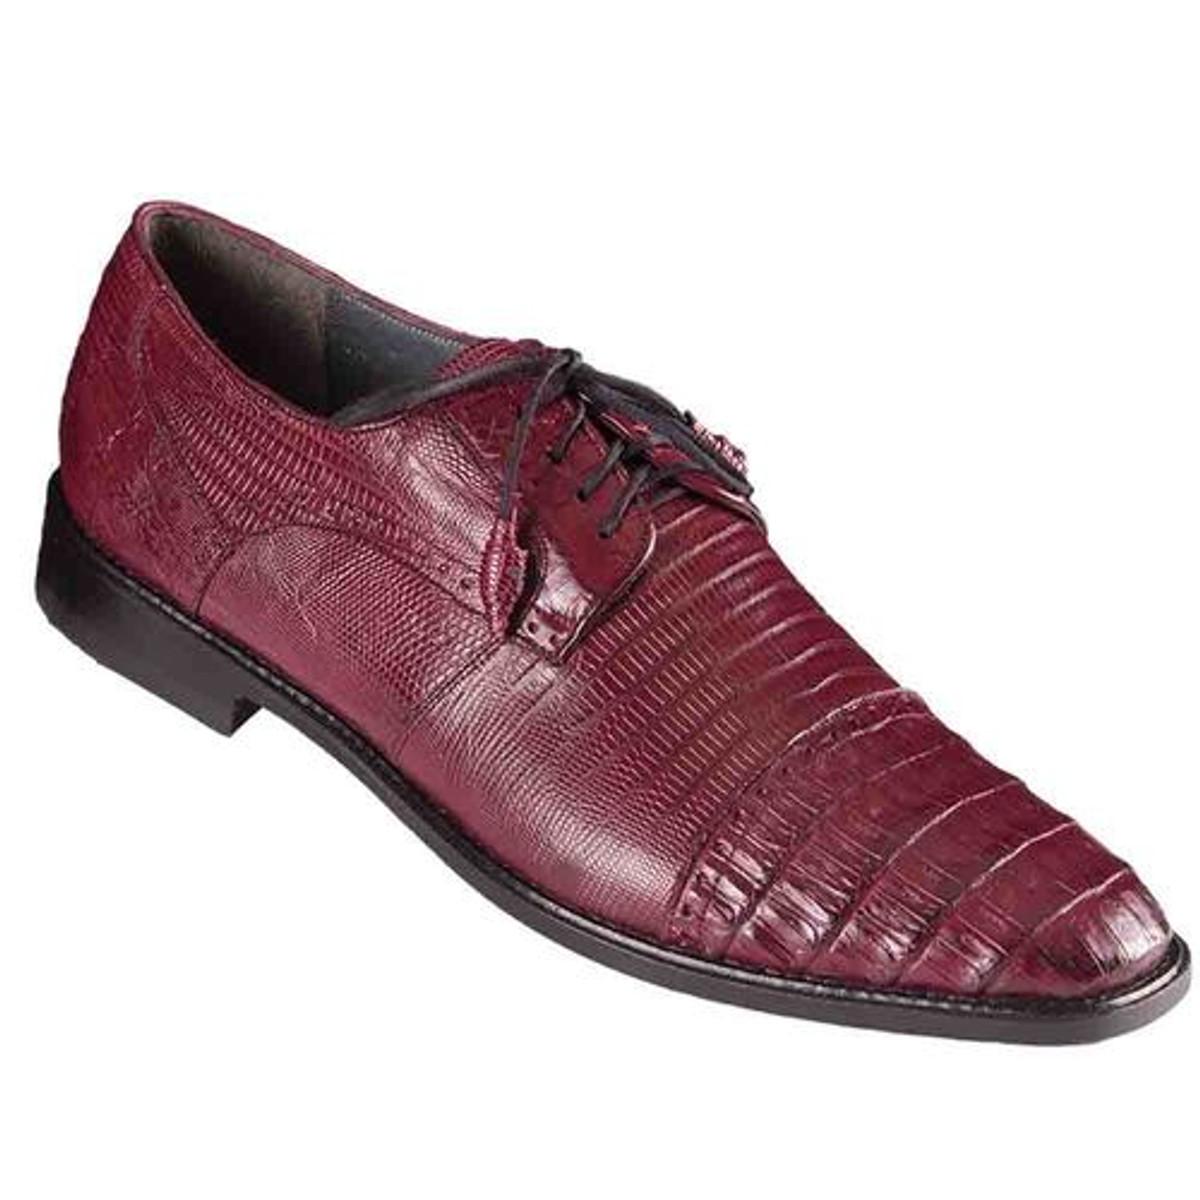 Los Altos Burgundy Lizard Crocodile Cap Toe Shoes ZV093706